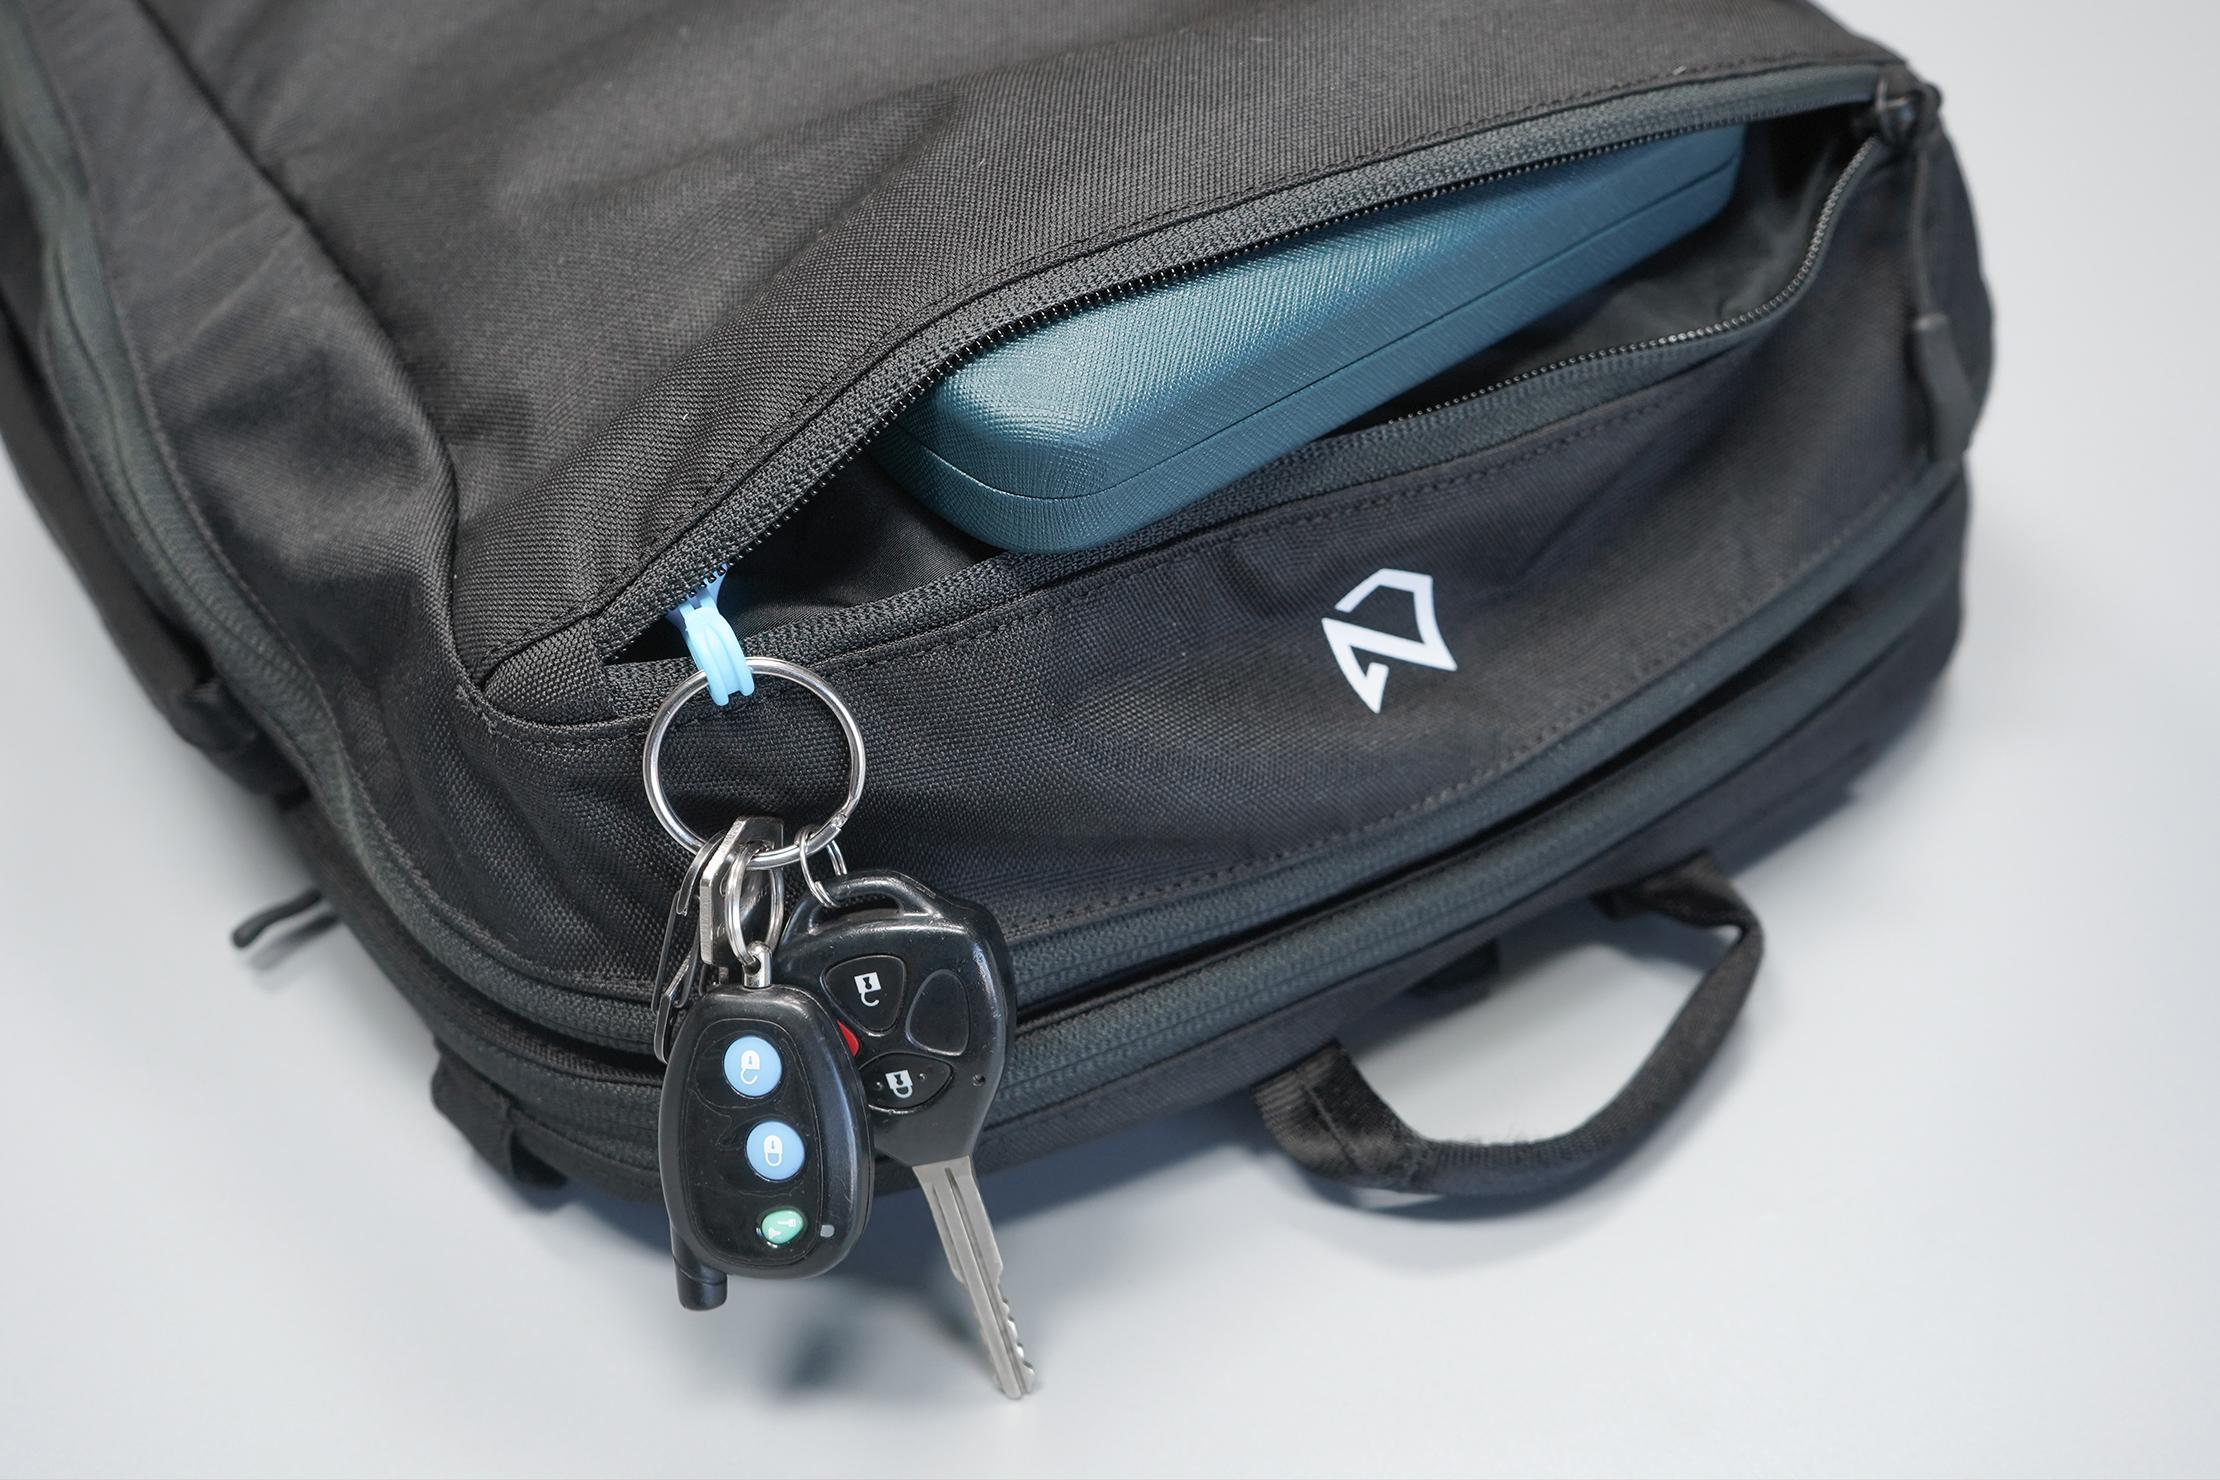 Minaal Daily 3.0 Bag Top Pocket